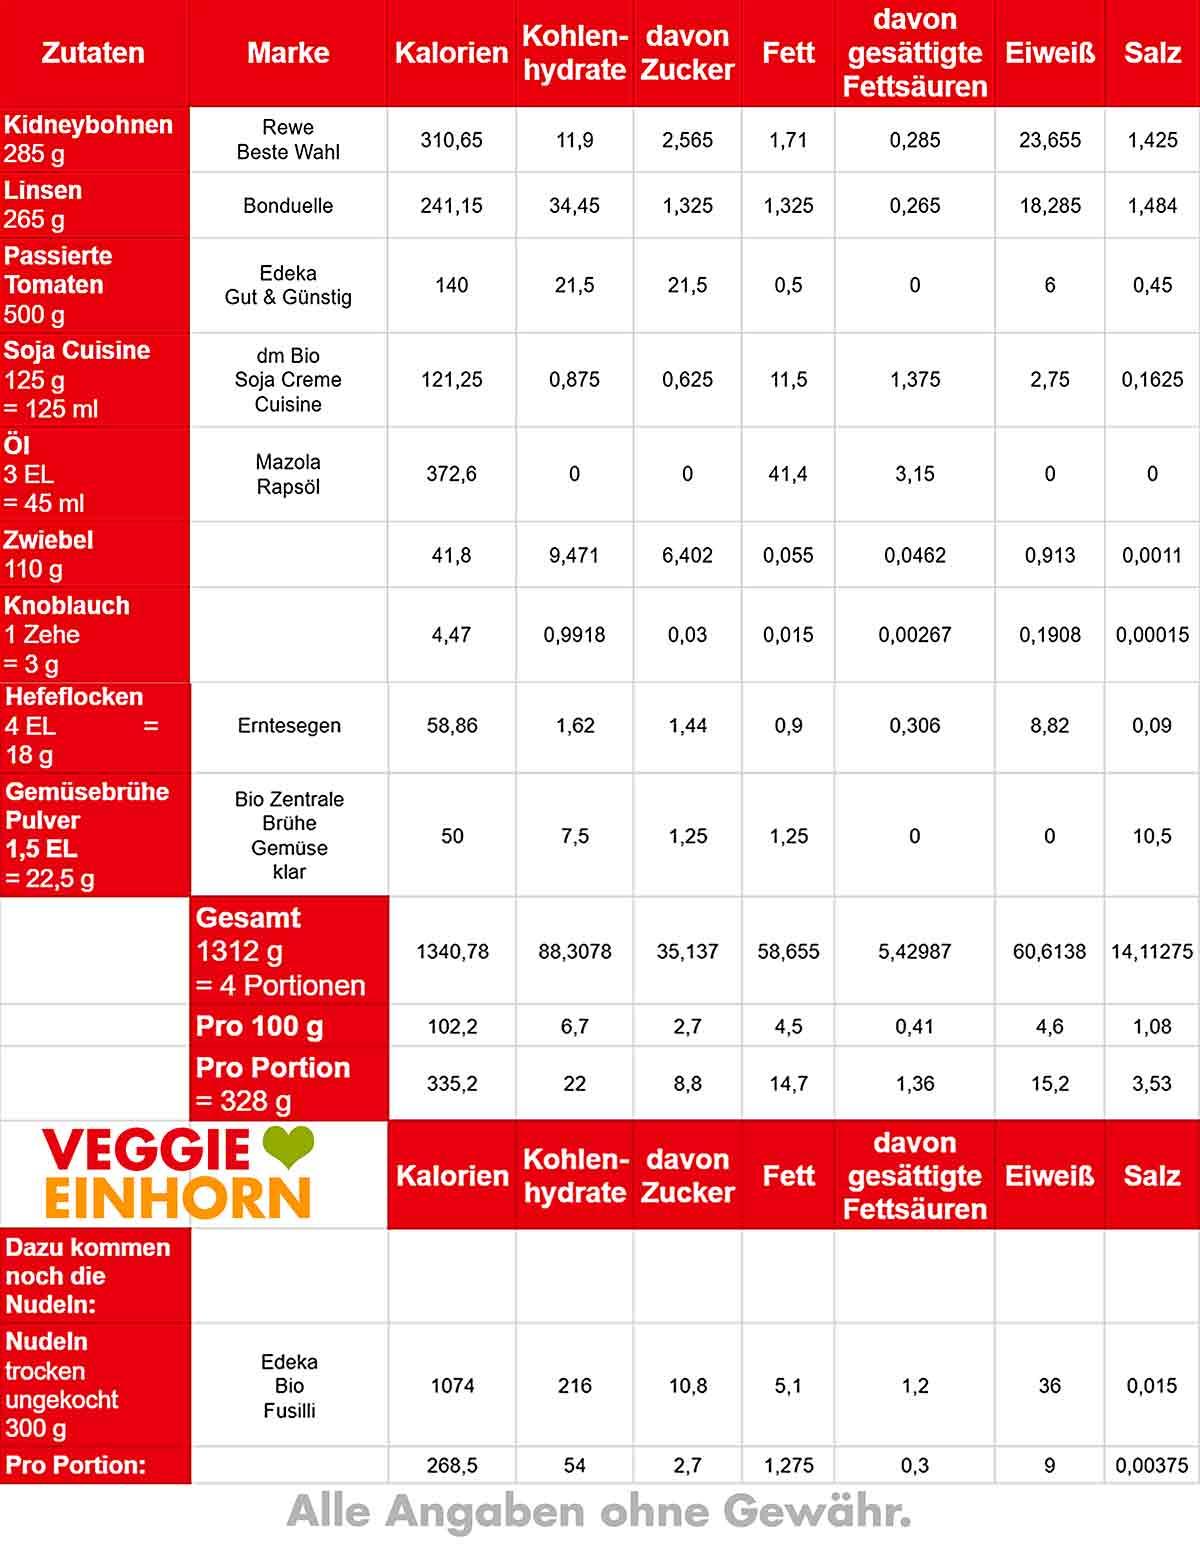 Tabelle mit Nährwerten von Nudeln mit Kidneybohnen